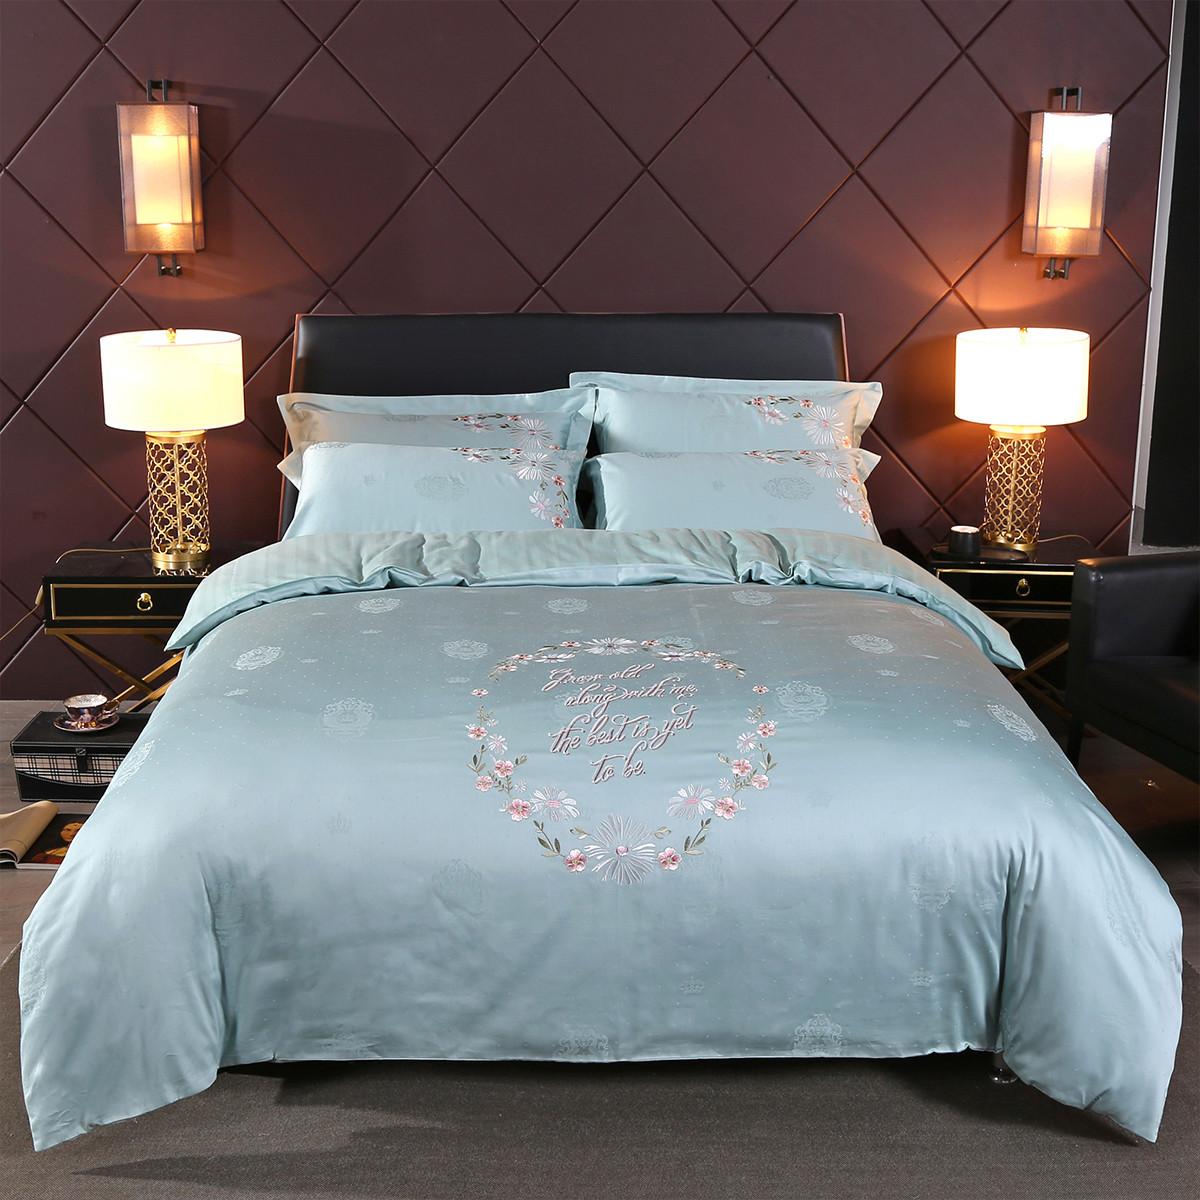 Ramada简约纯色绣花提花贡缎被套床单秋冬保暖全棉床上用品纯棉四件套BS171048L